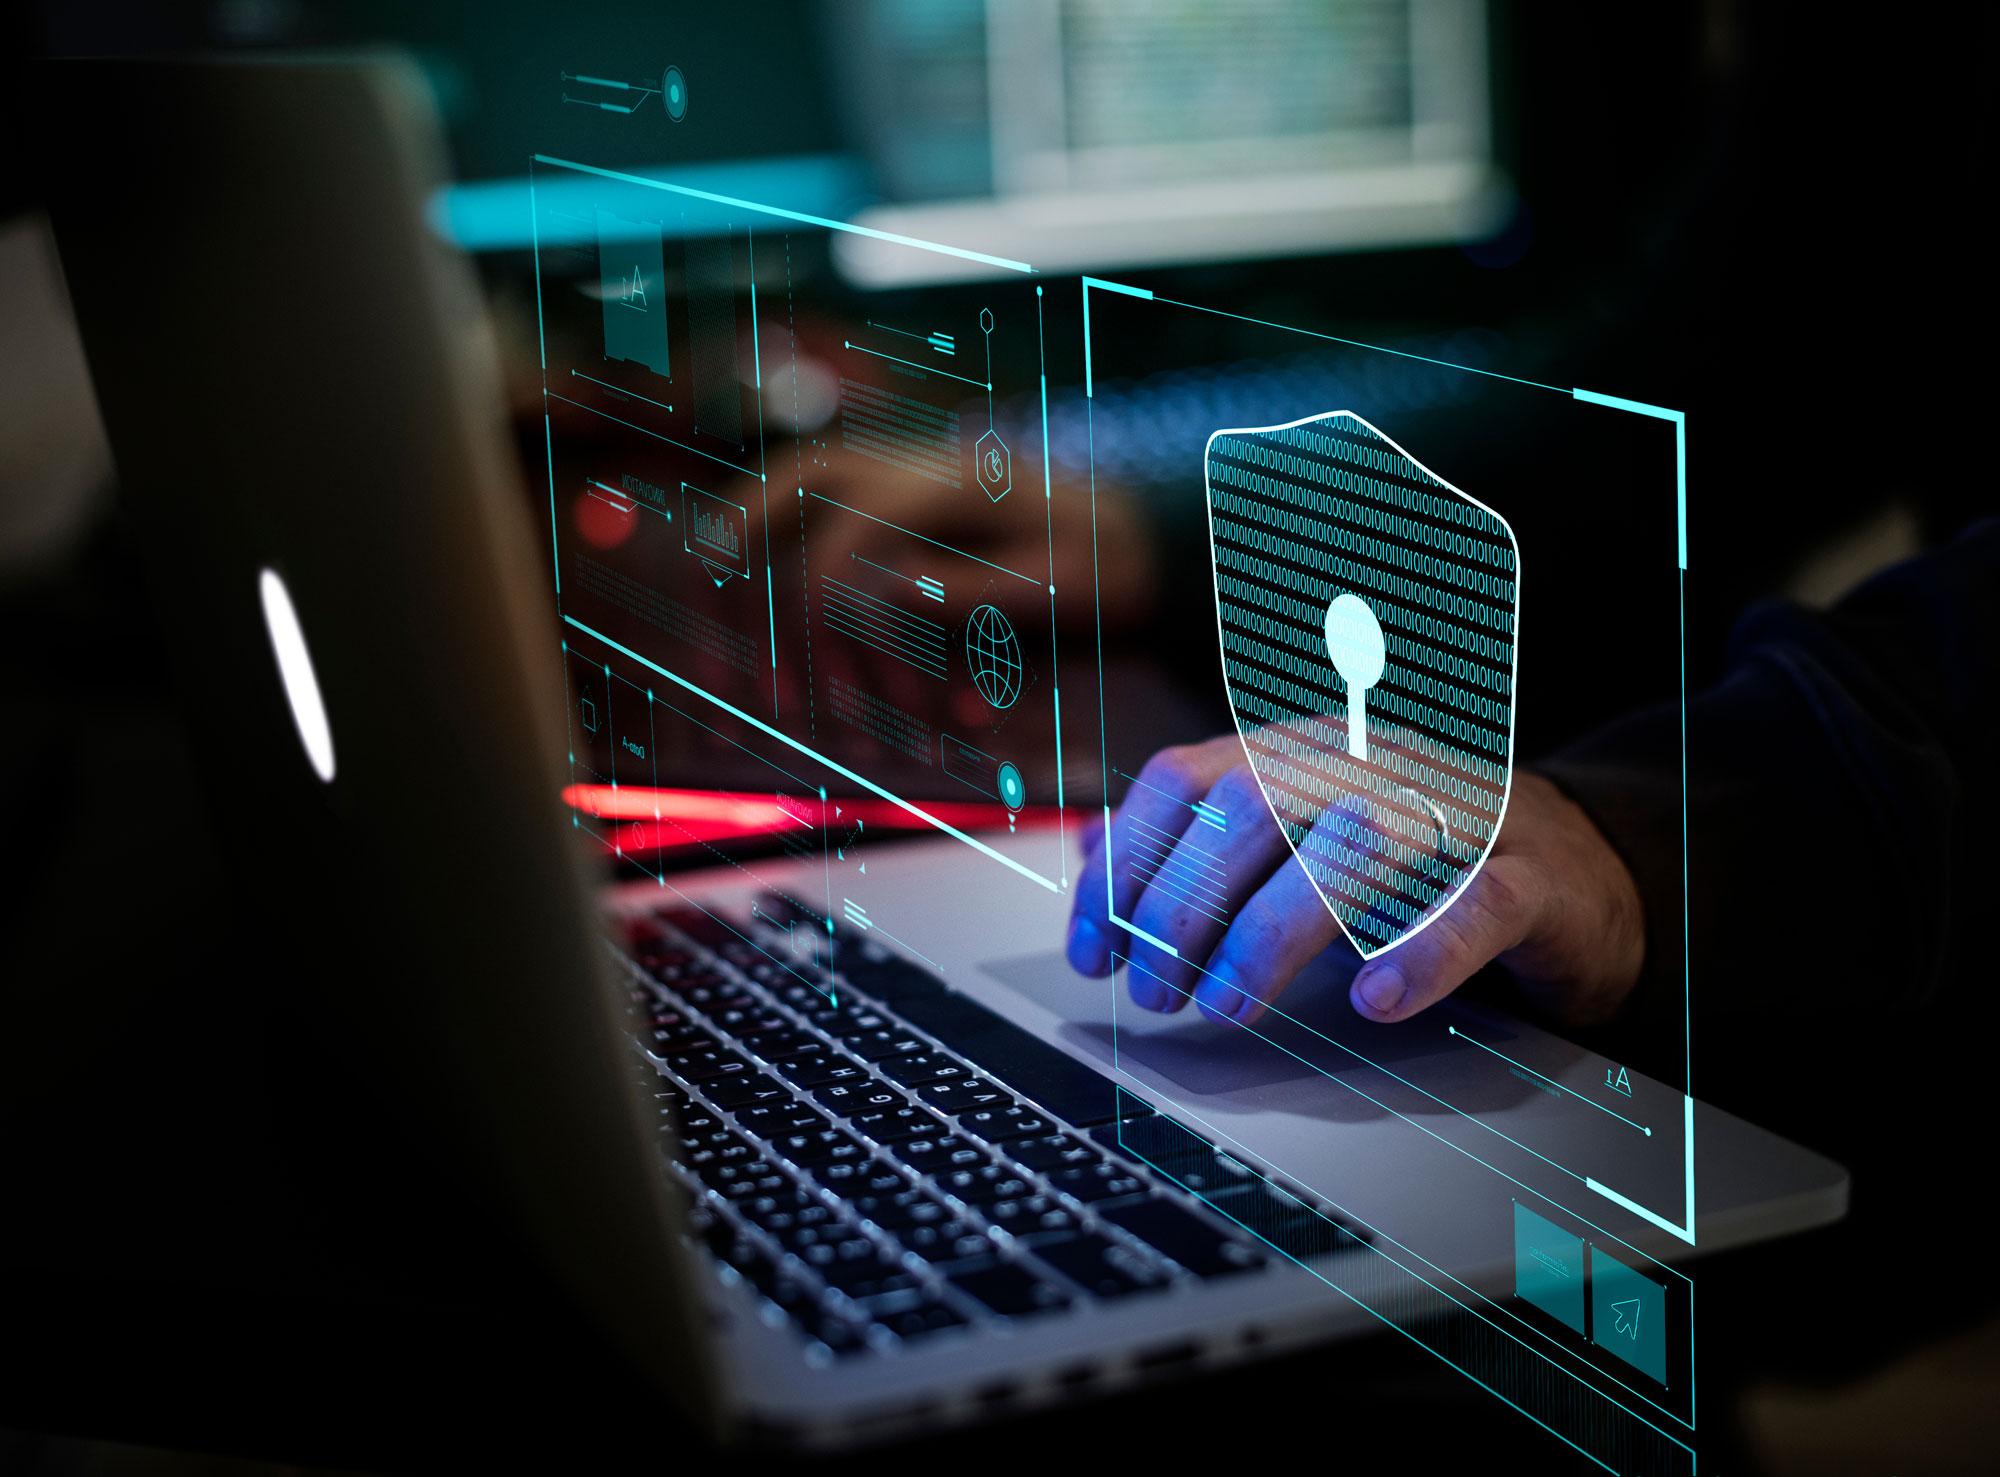 Journée mondiale de la protection des données – Evaluer les textes pour les améliorer